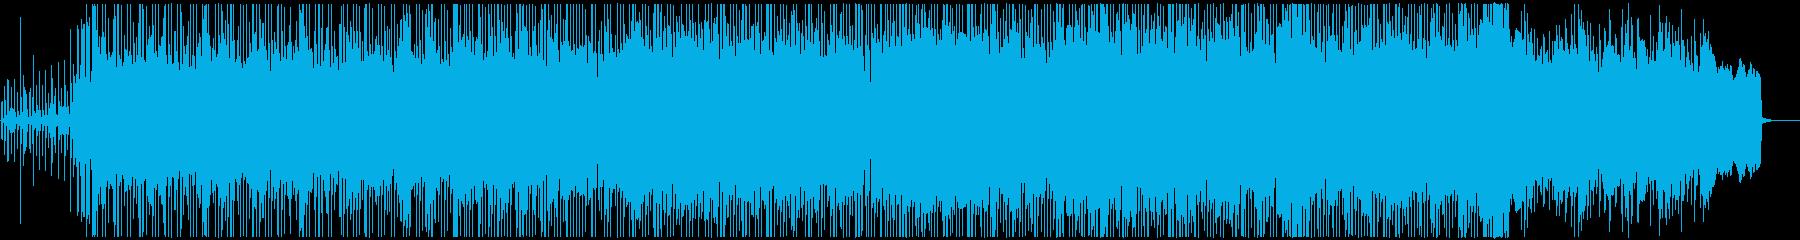 シンセとギターの心地よいフュージョン−1の再生済みの波形